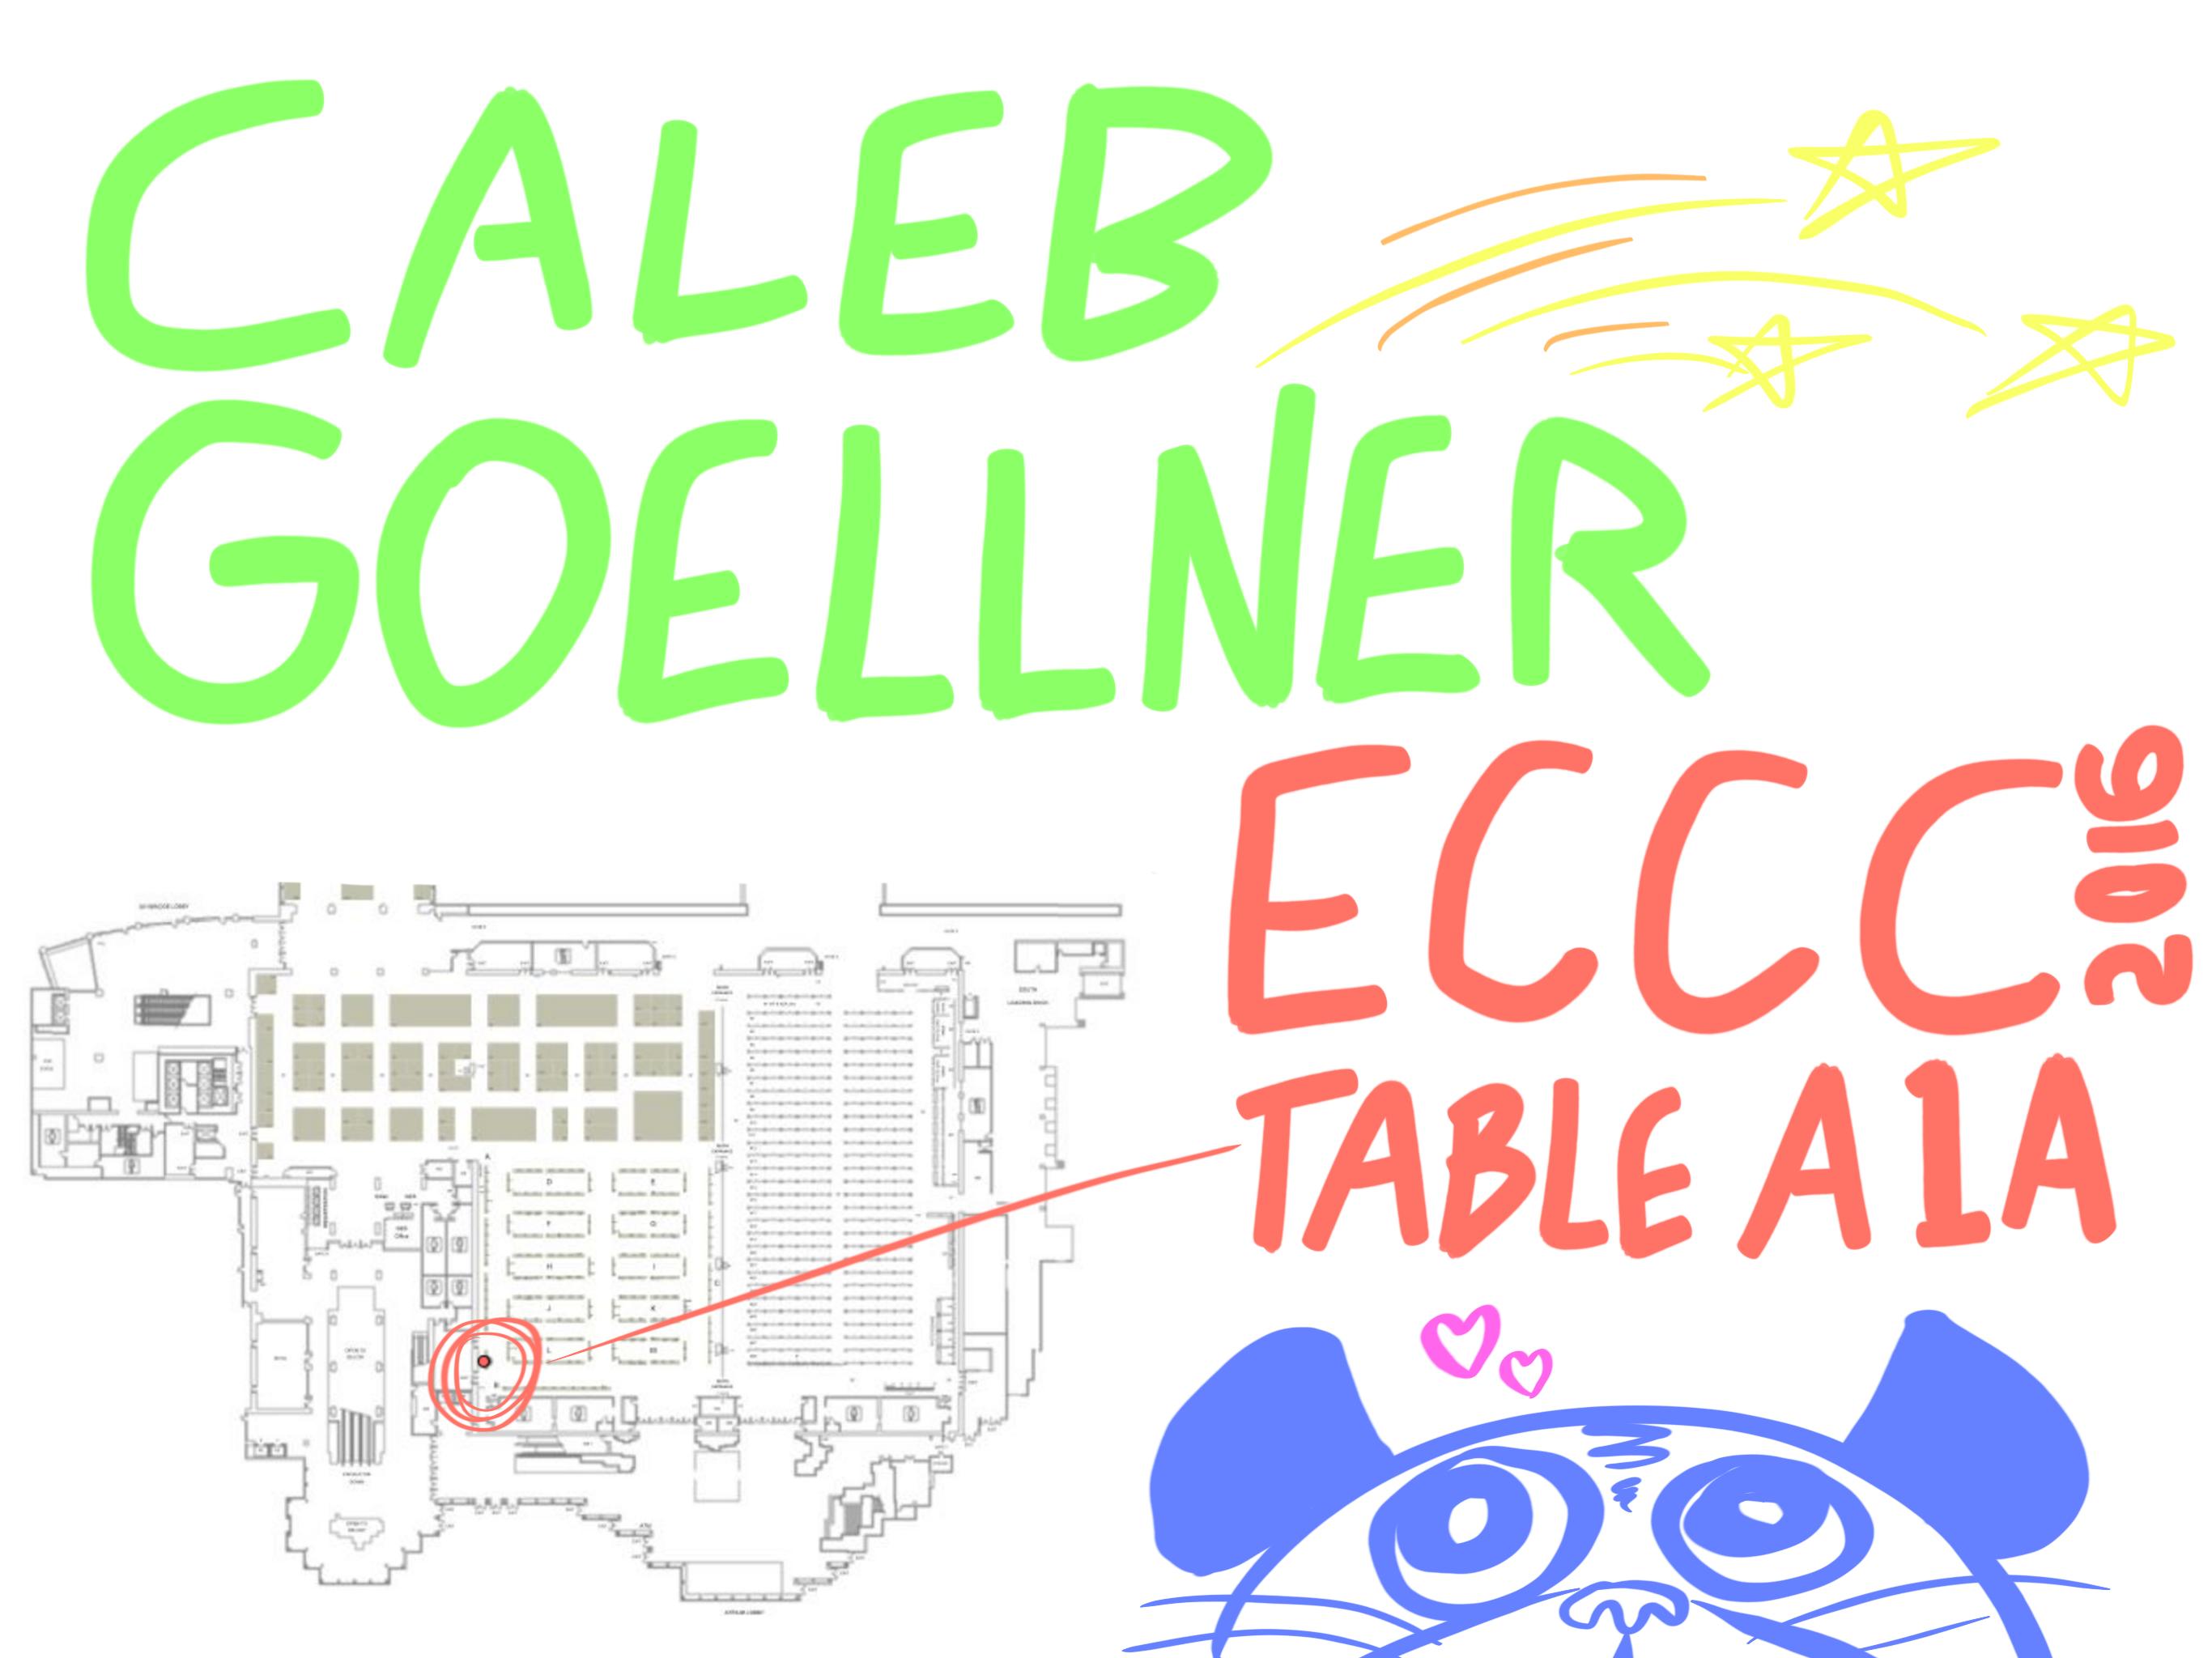 Caleb Goellner ECCC 2016